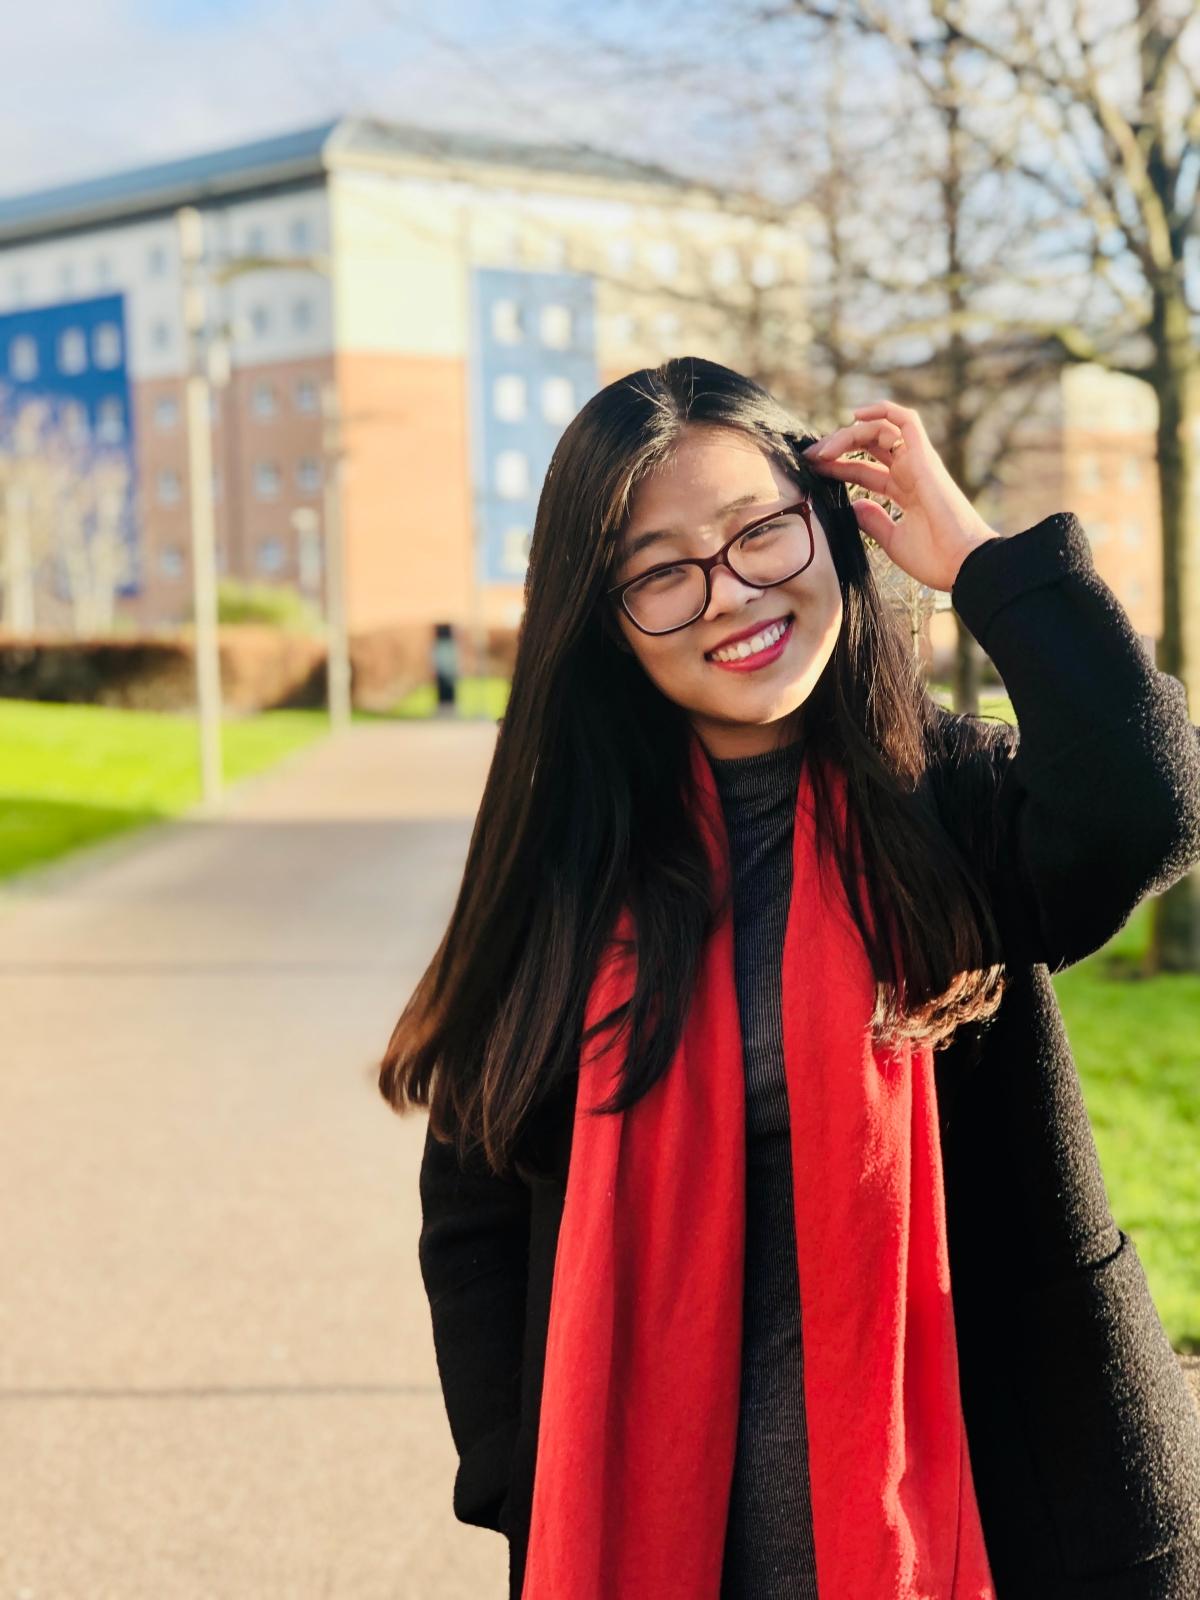 Chị Hoàng Ngọc Quỳnh, hiện sống và làm việc tại Anh. Ảnh: Nhân vật cung cấp